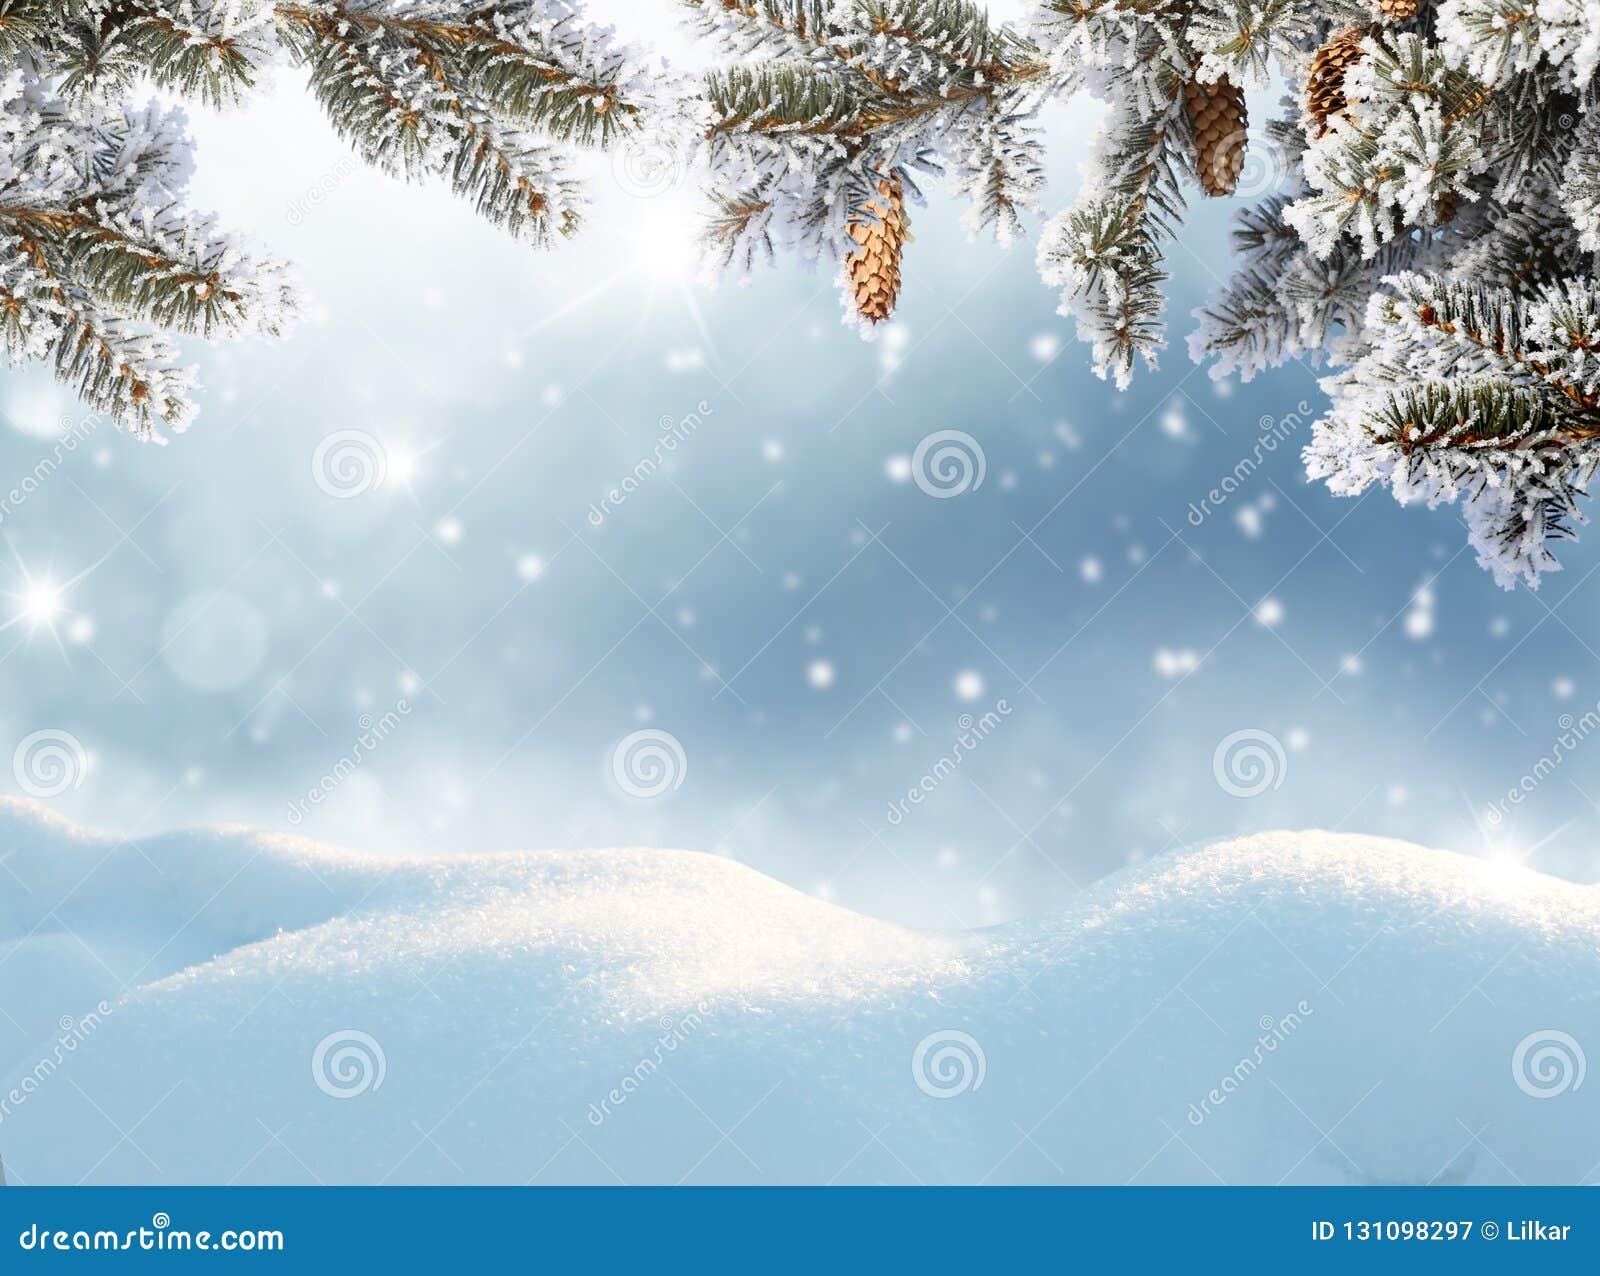 Grußkarte der frohen Weihnachten und des glücklichen neuen Jahres Winter landsca